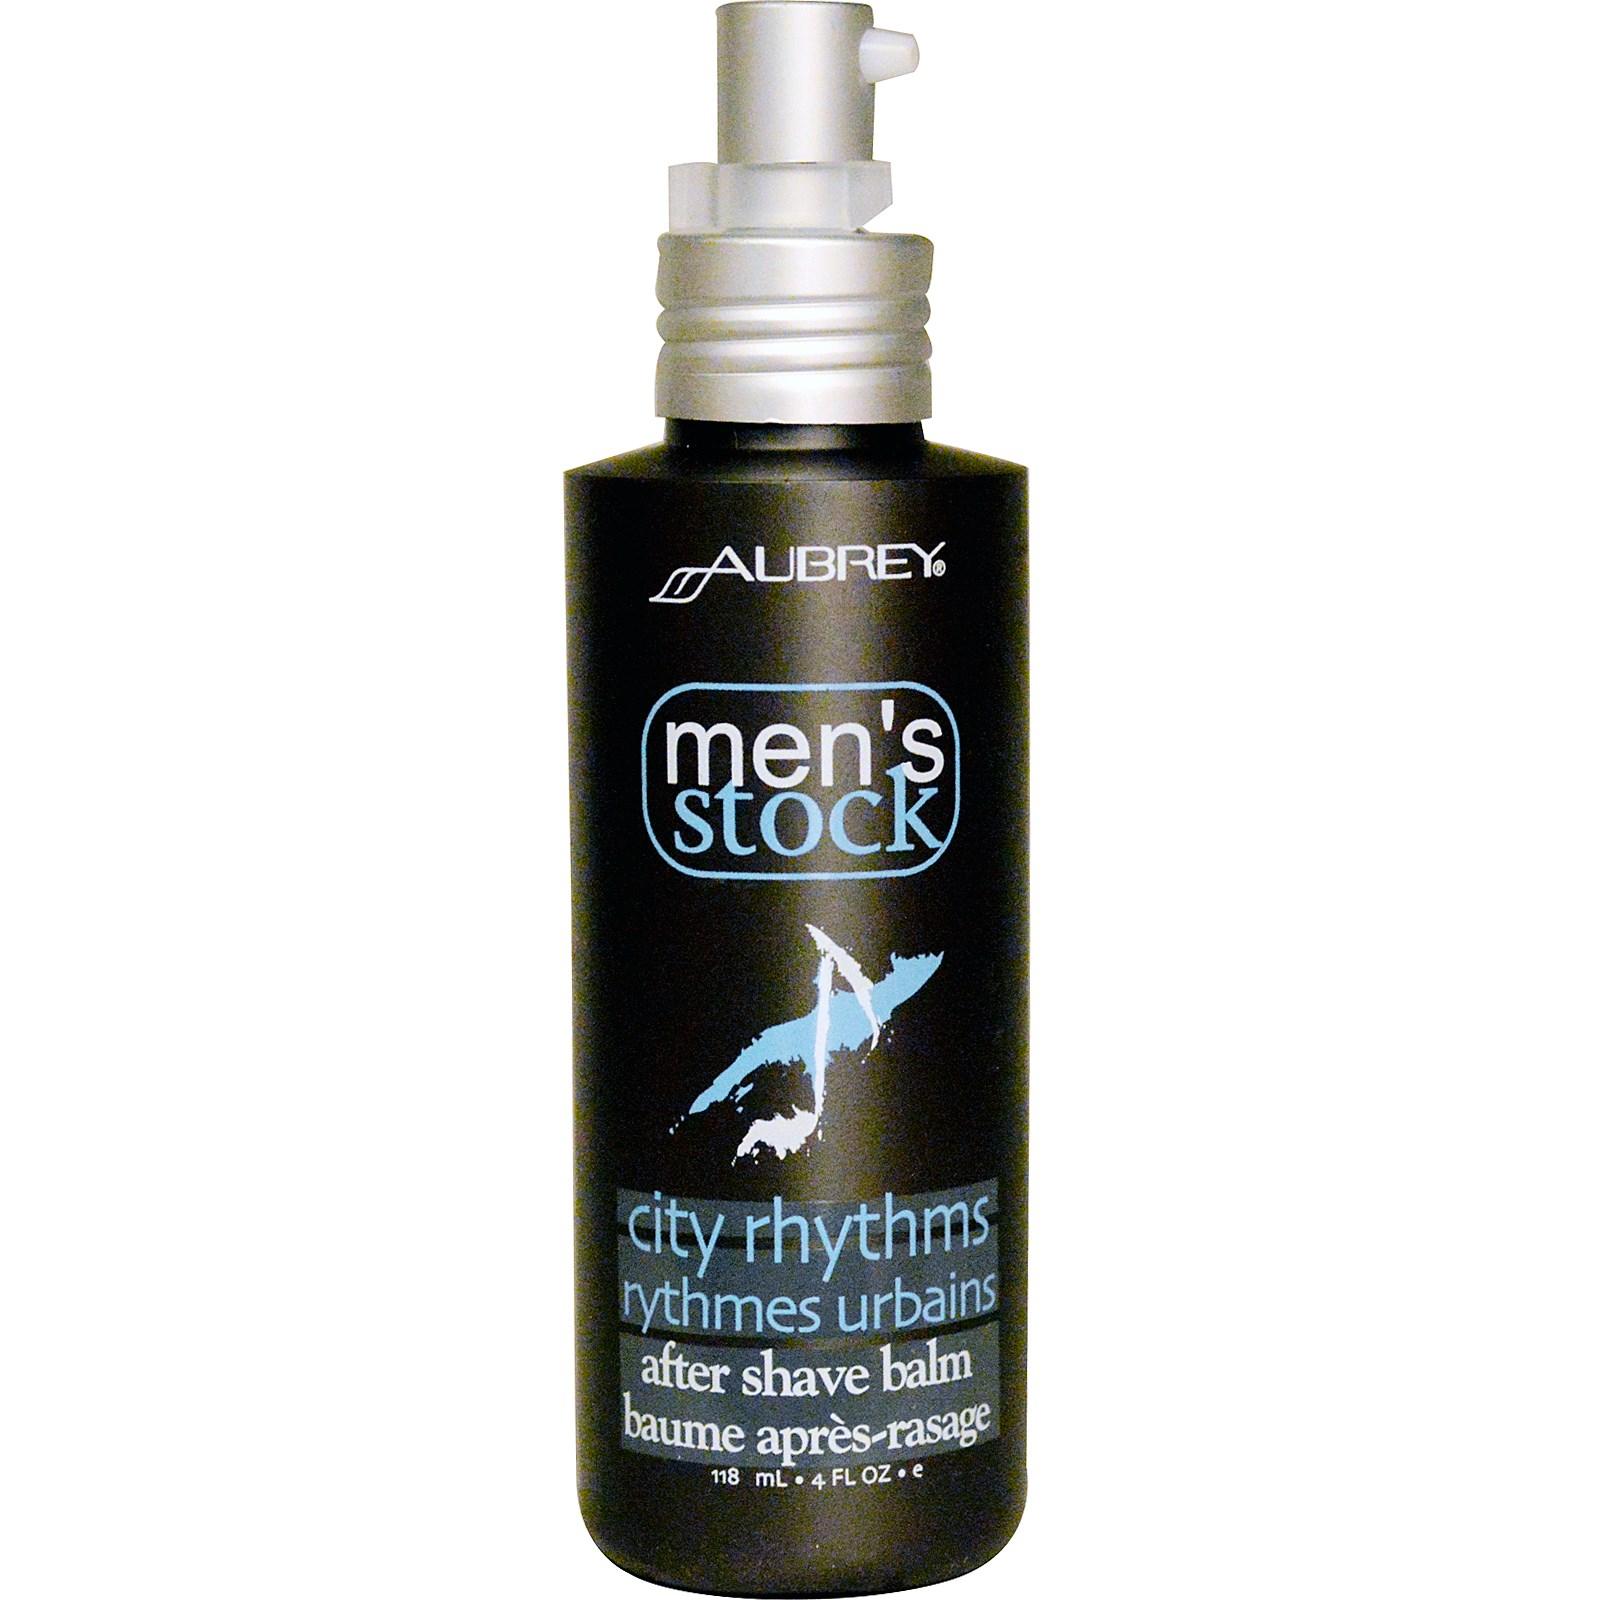 Aubrey Organics, Men's Stock, средство после бритья, Городские ритмы, 4 жидких унций (118 мл)